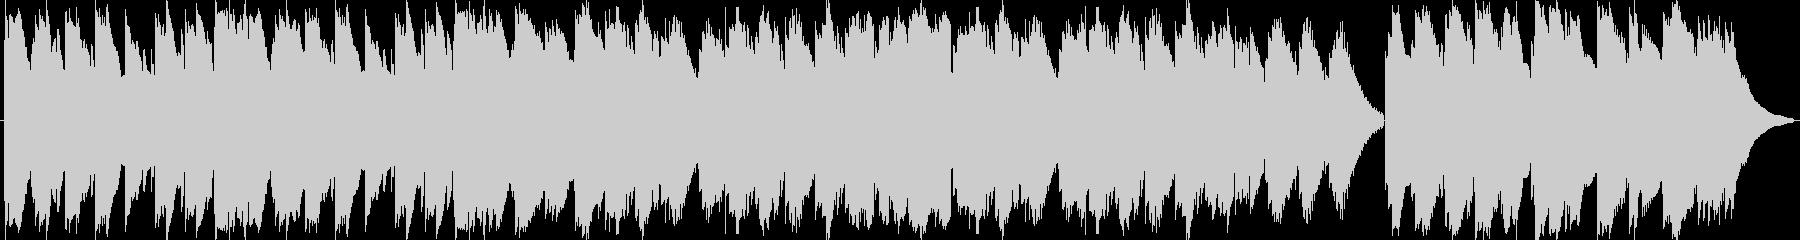 ラブシーンのエレクトリックピアノの未再生の波形